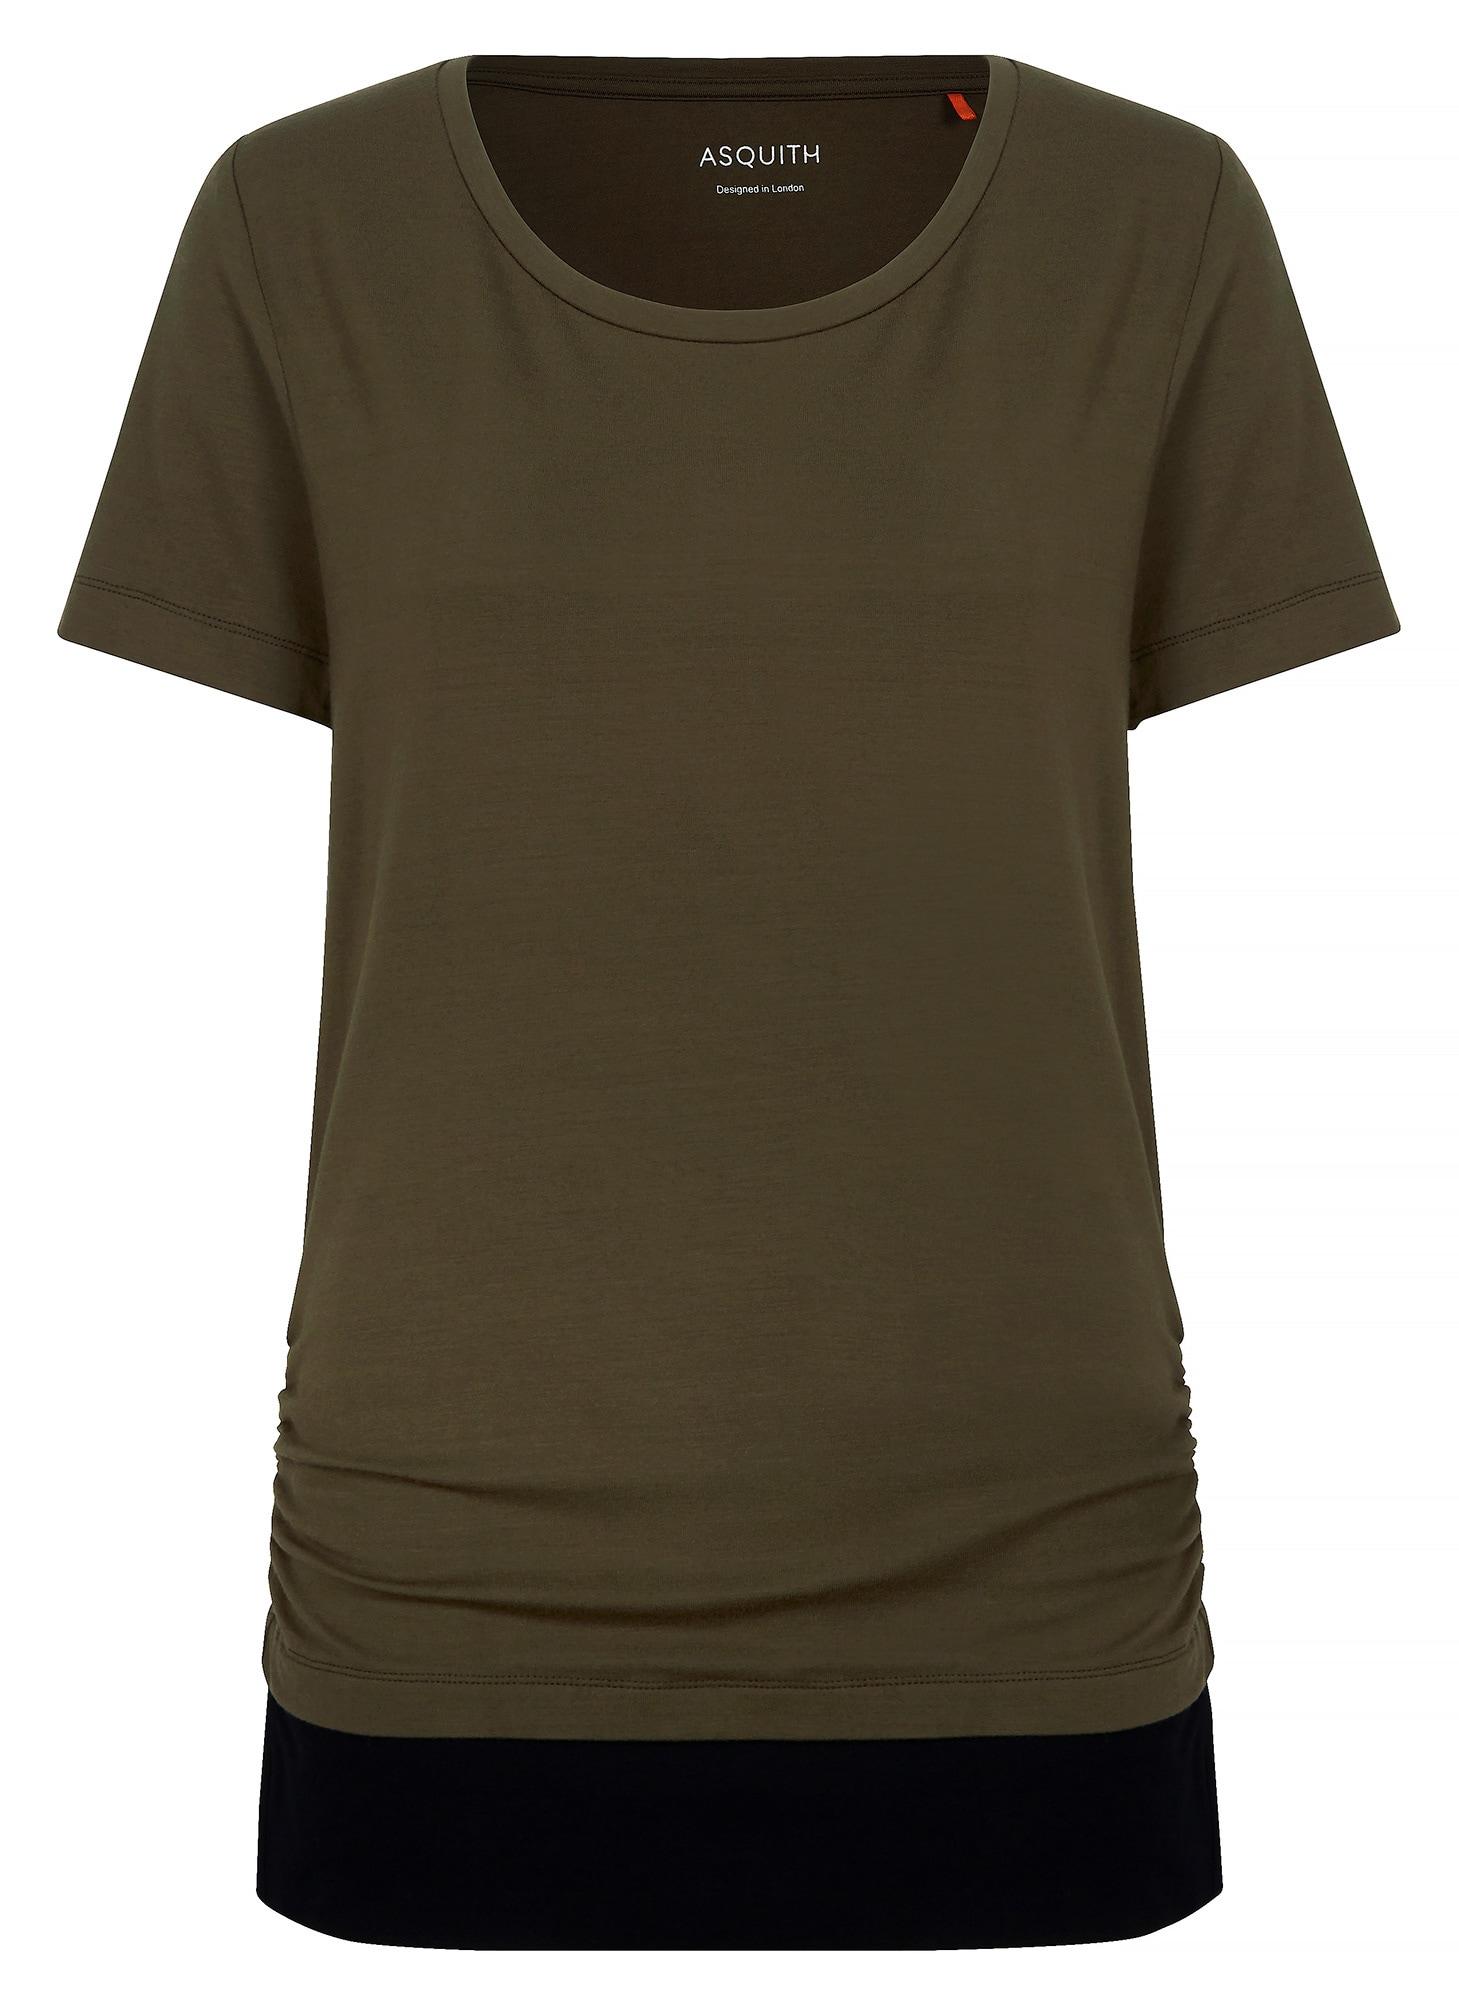 Yoga-t-shirt 'bend It' | Sportbekleidung > Sportshirts > Yogashirts | Dunkelblau - Khaki | YOGISTAR.COM